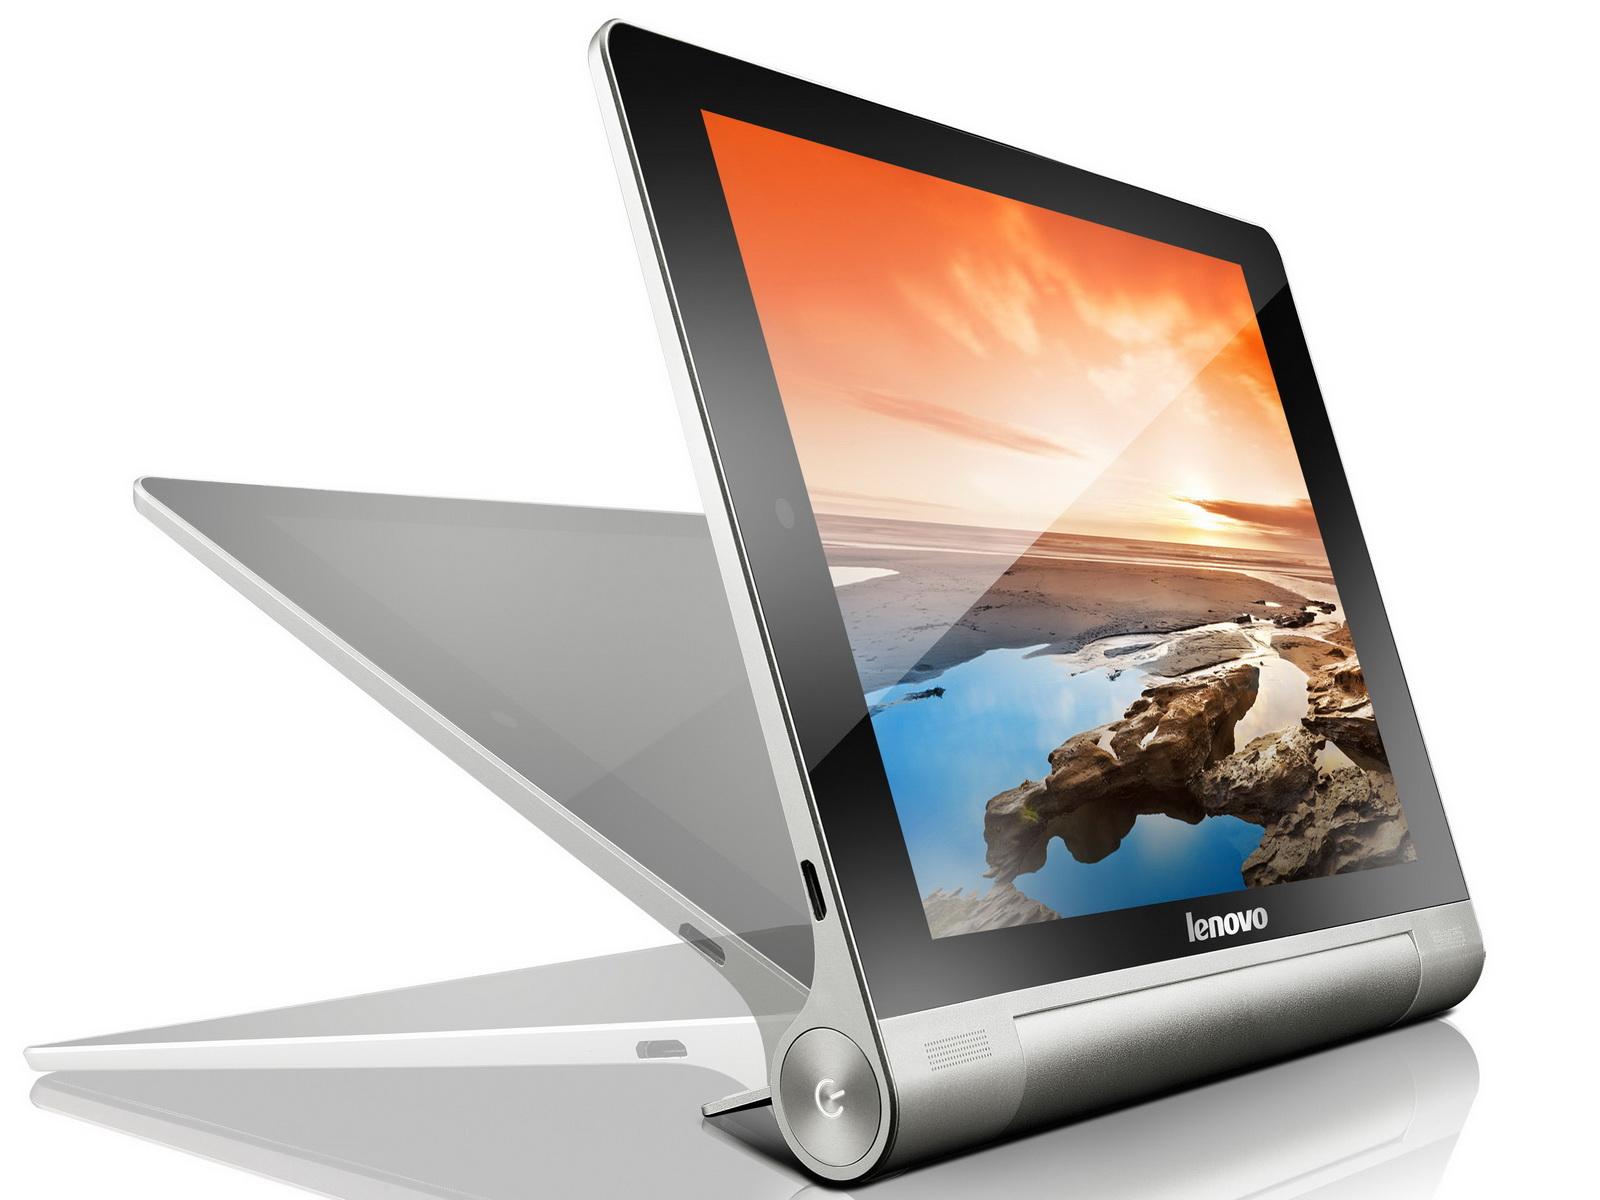 lenovo yoga tablet 8 und yoga tablet 10 vorgestellt. Black Bedroom Furniture Sets. Home Design Ideas